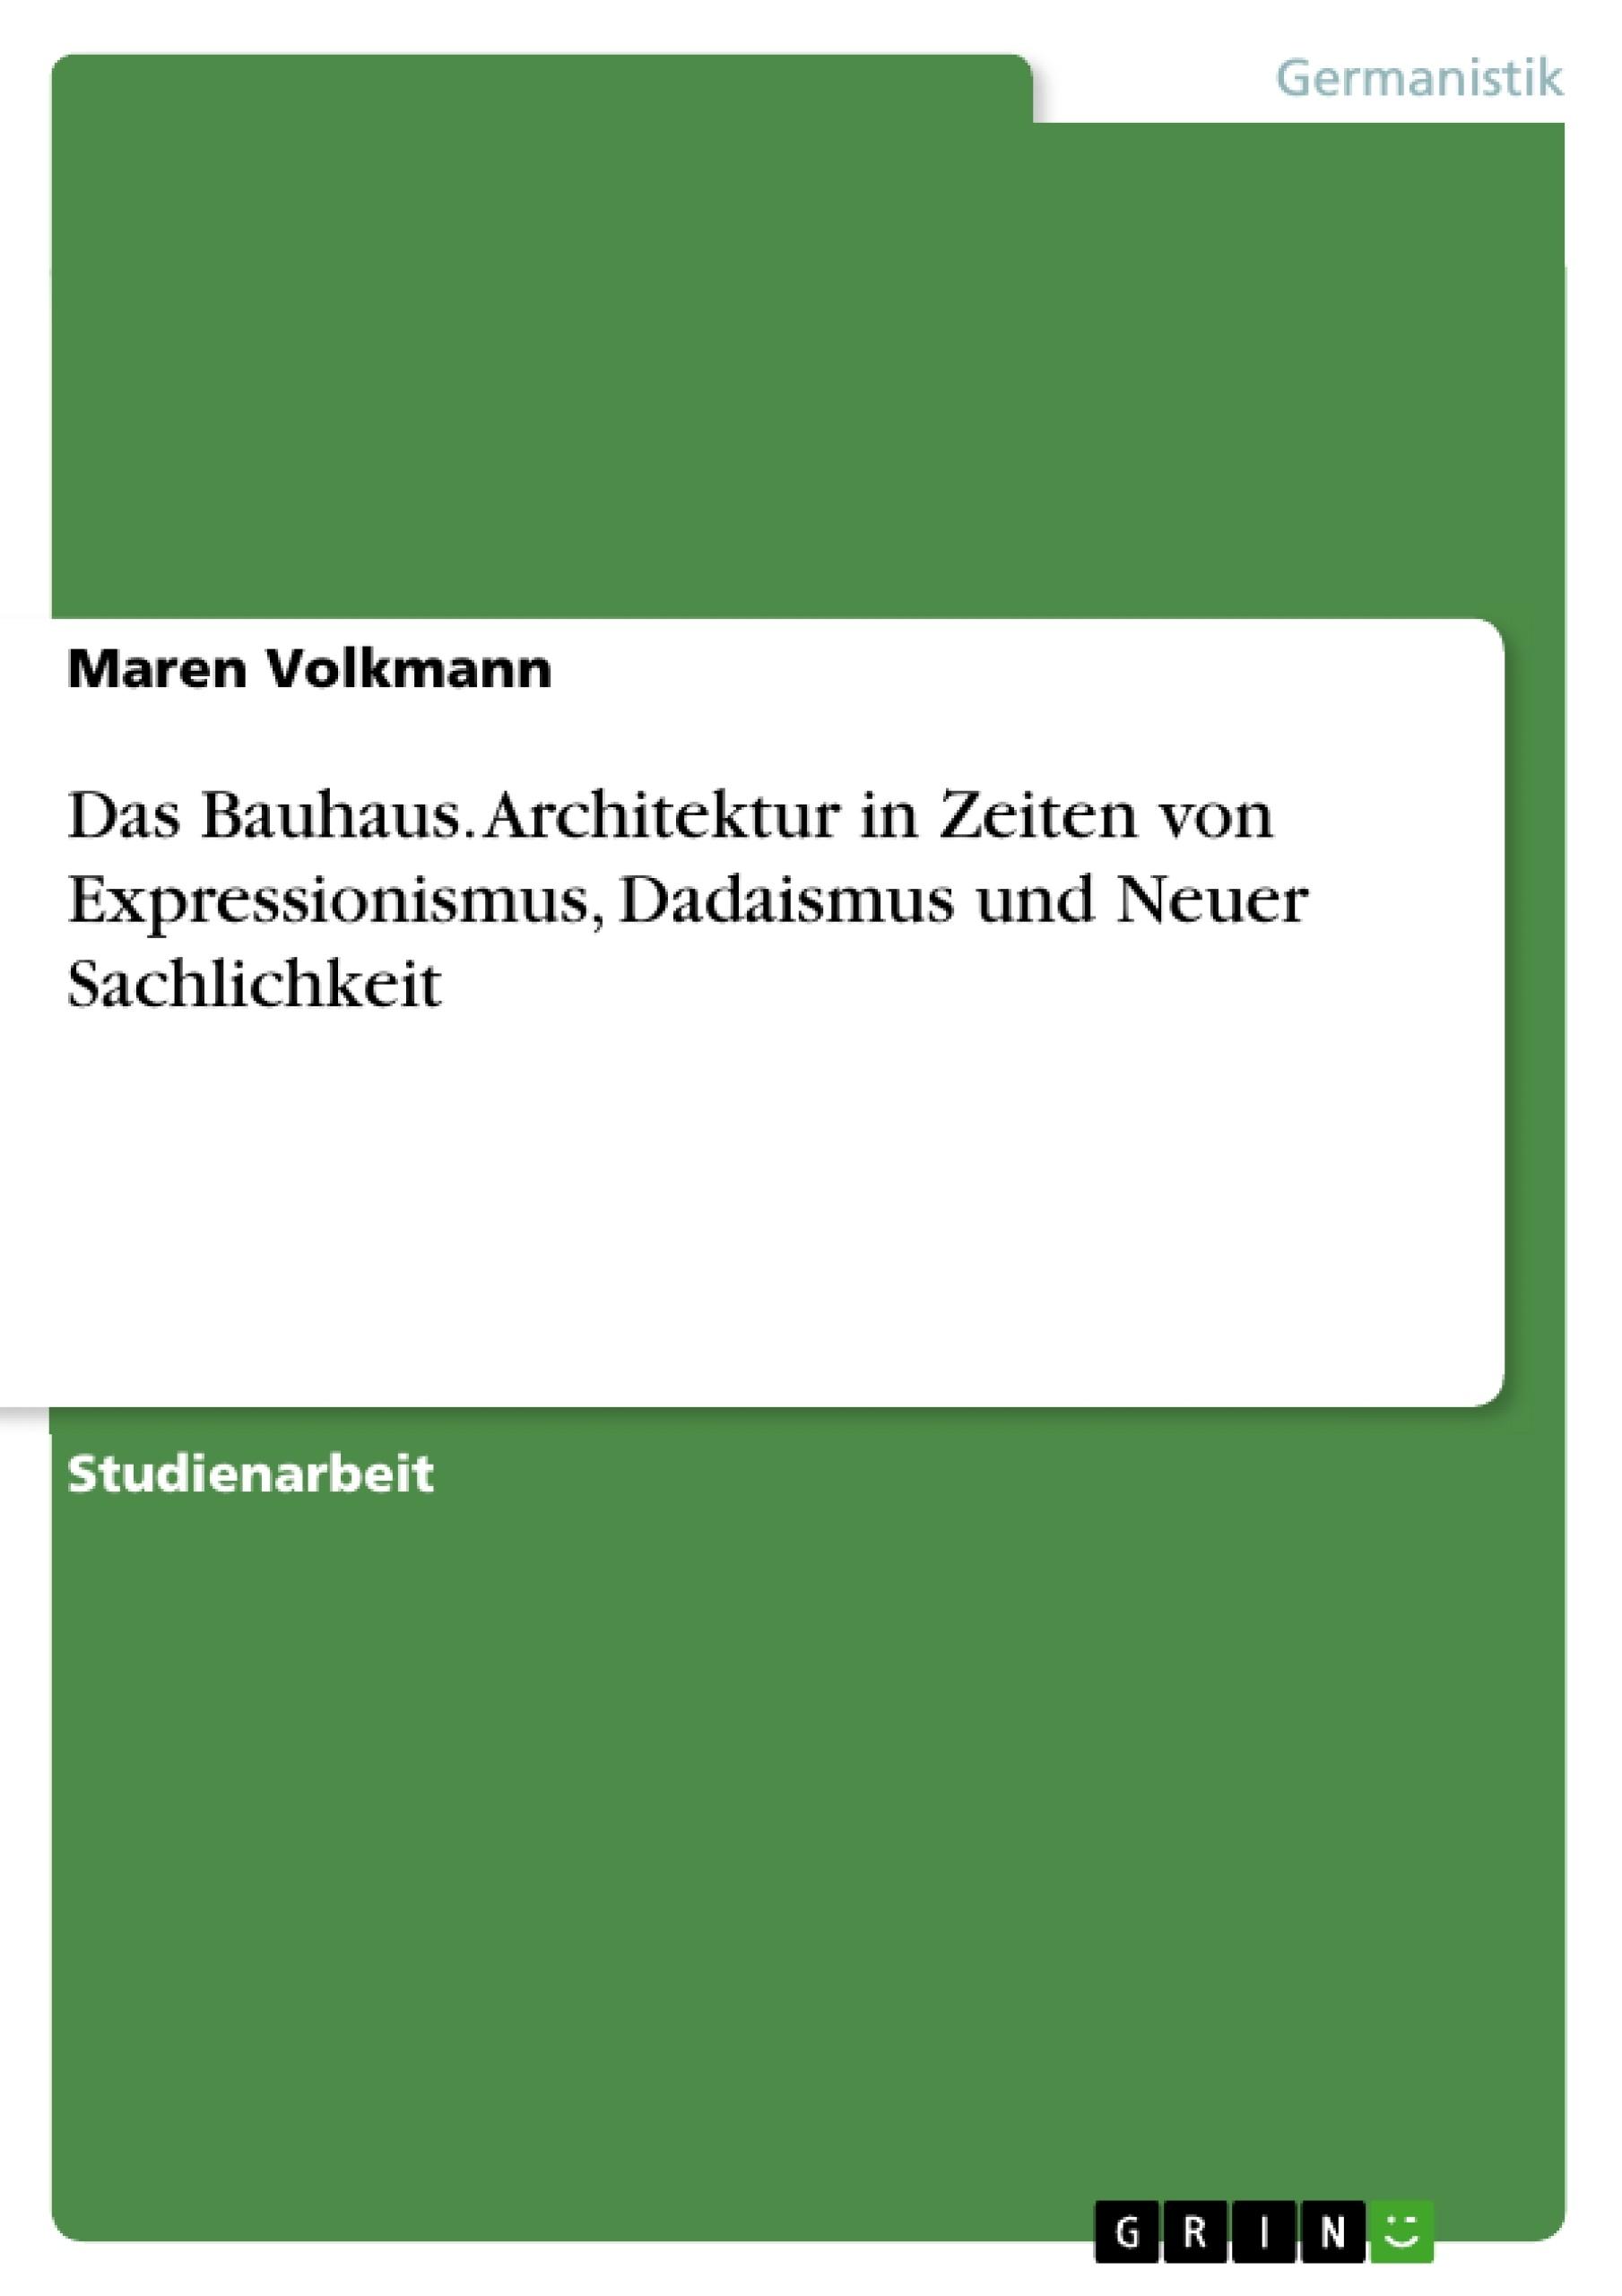 Titel: Das Bauhaus. Architektur in Zeiten von Expressionismus, Dadaismus und Neuer Sachlichkeit